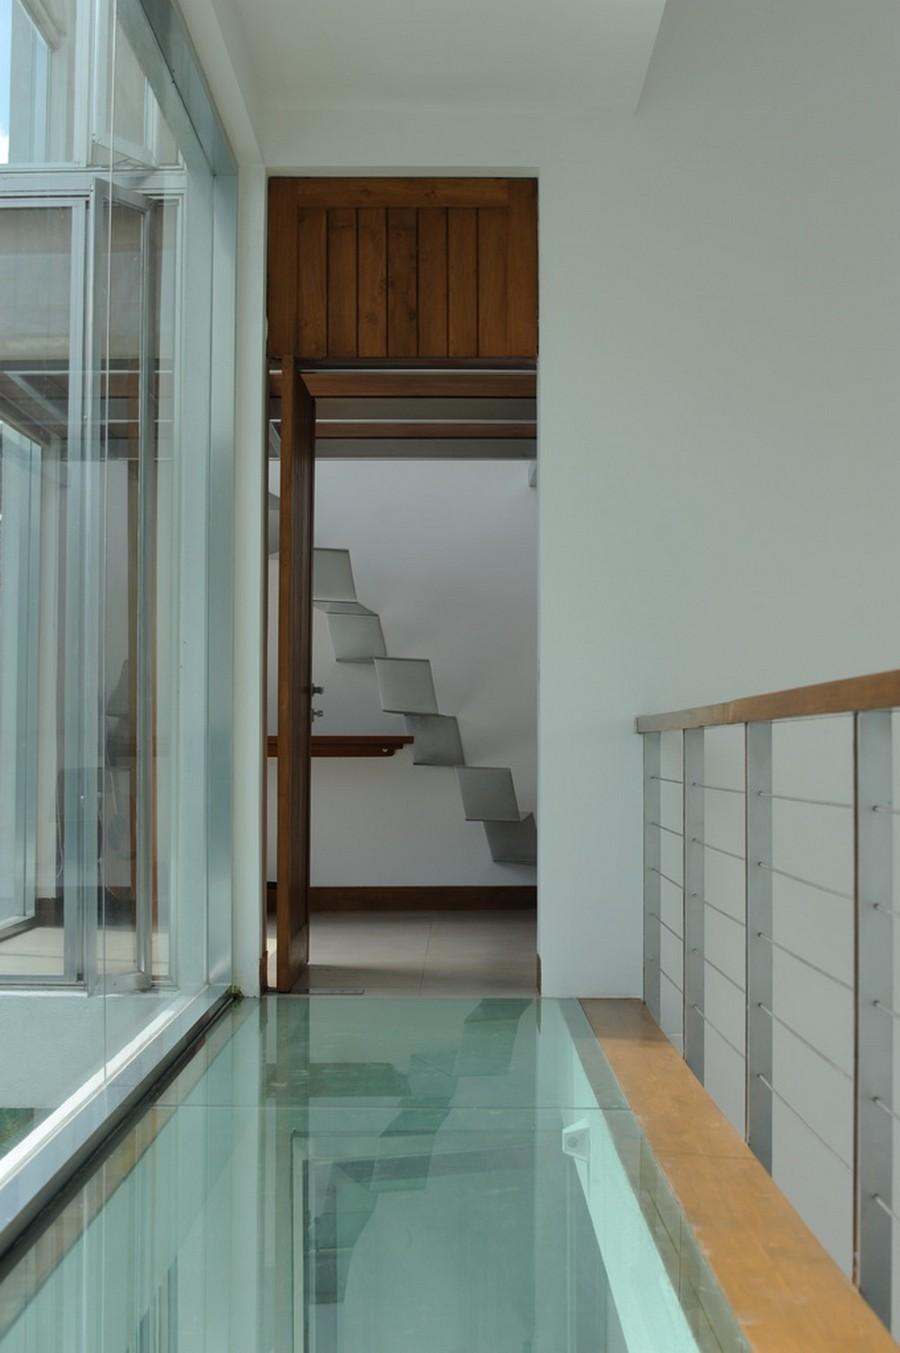 Interior design ideas architecture blog modern design pictures claffisica - Amazing floor to ceiling windows design ...